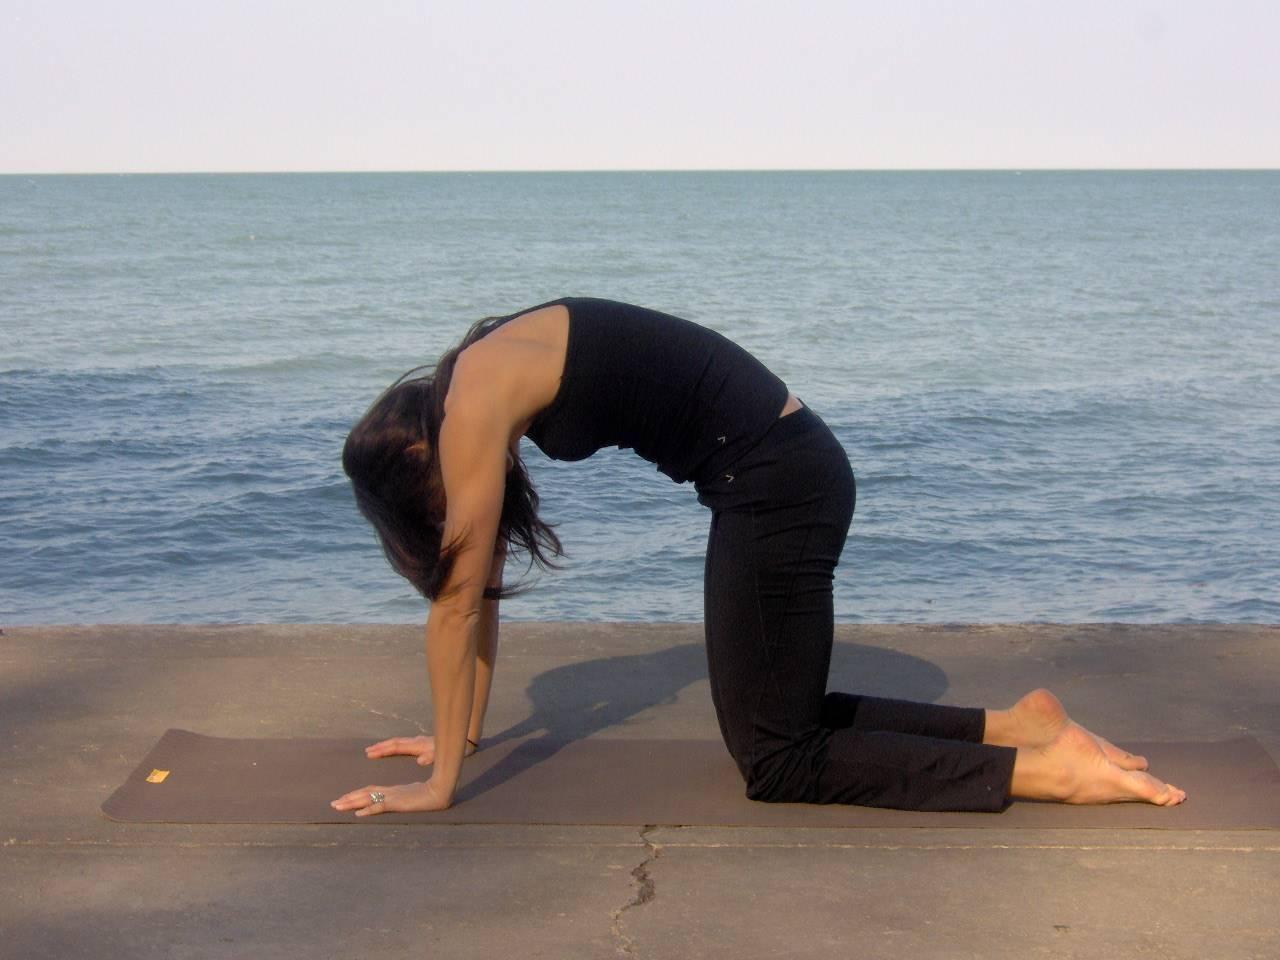 Боль в спине и пояснице: причины и лечение, почему болит спина – напоправку